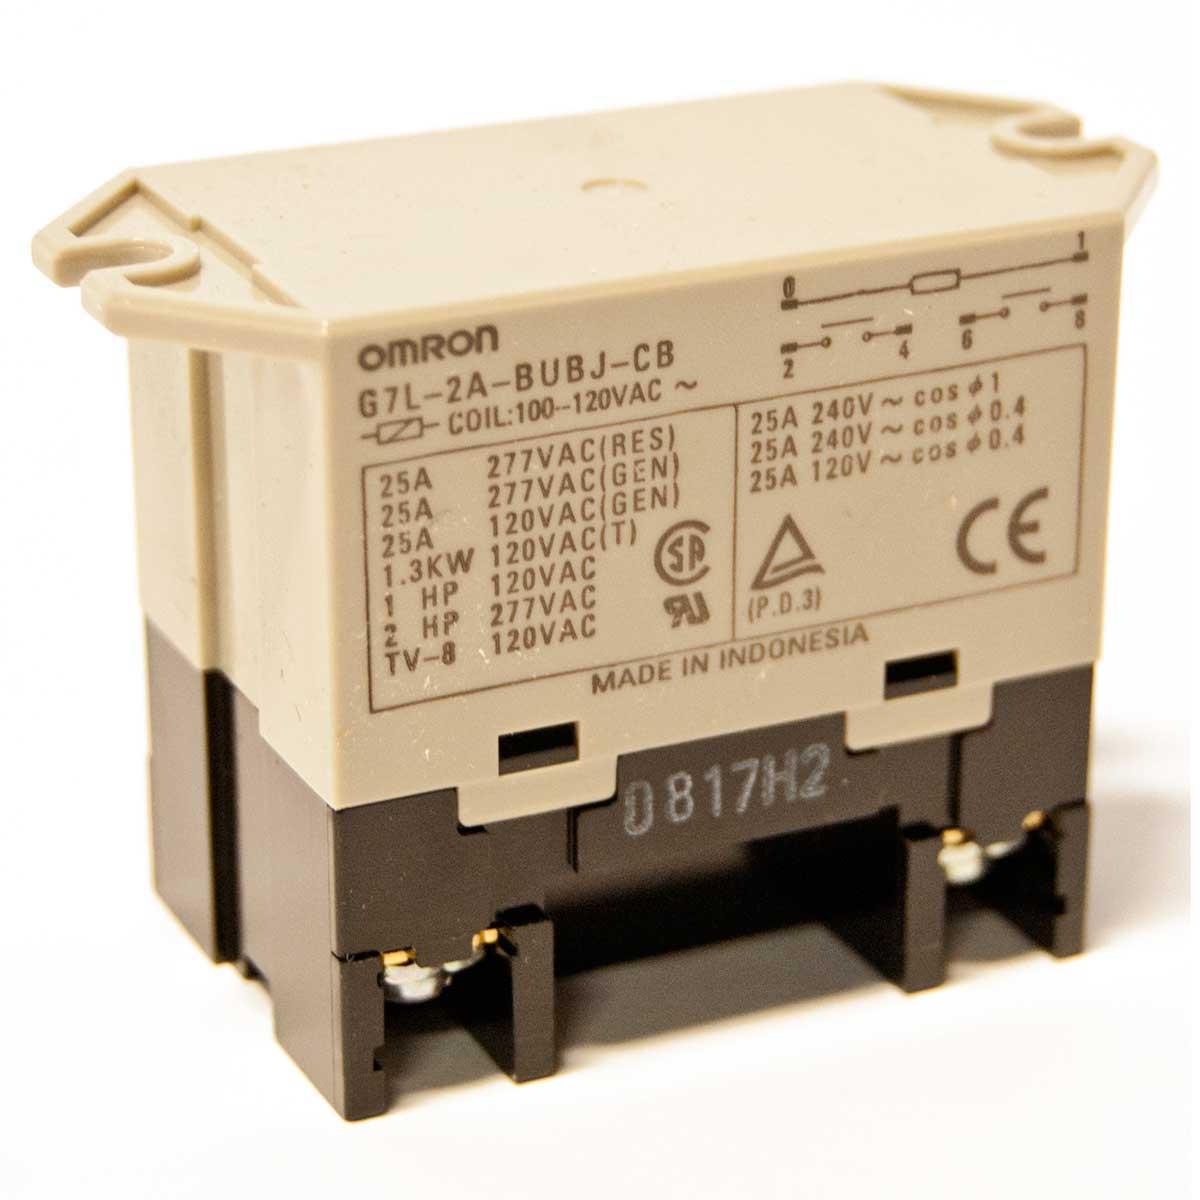 Nuheat Relay 120 Volts 25 Amp AC0006 Contractors Direct